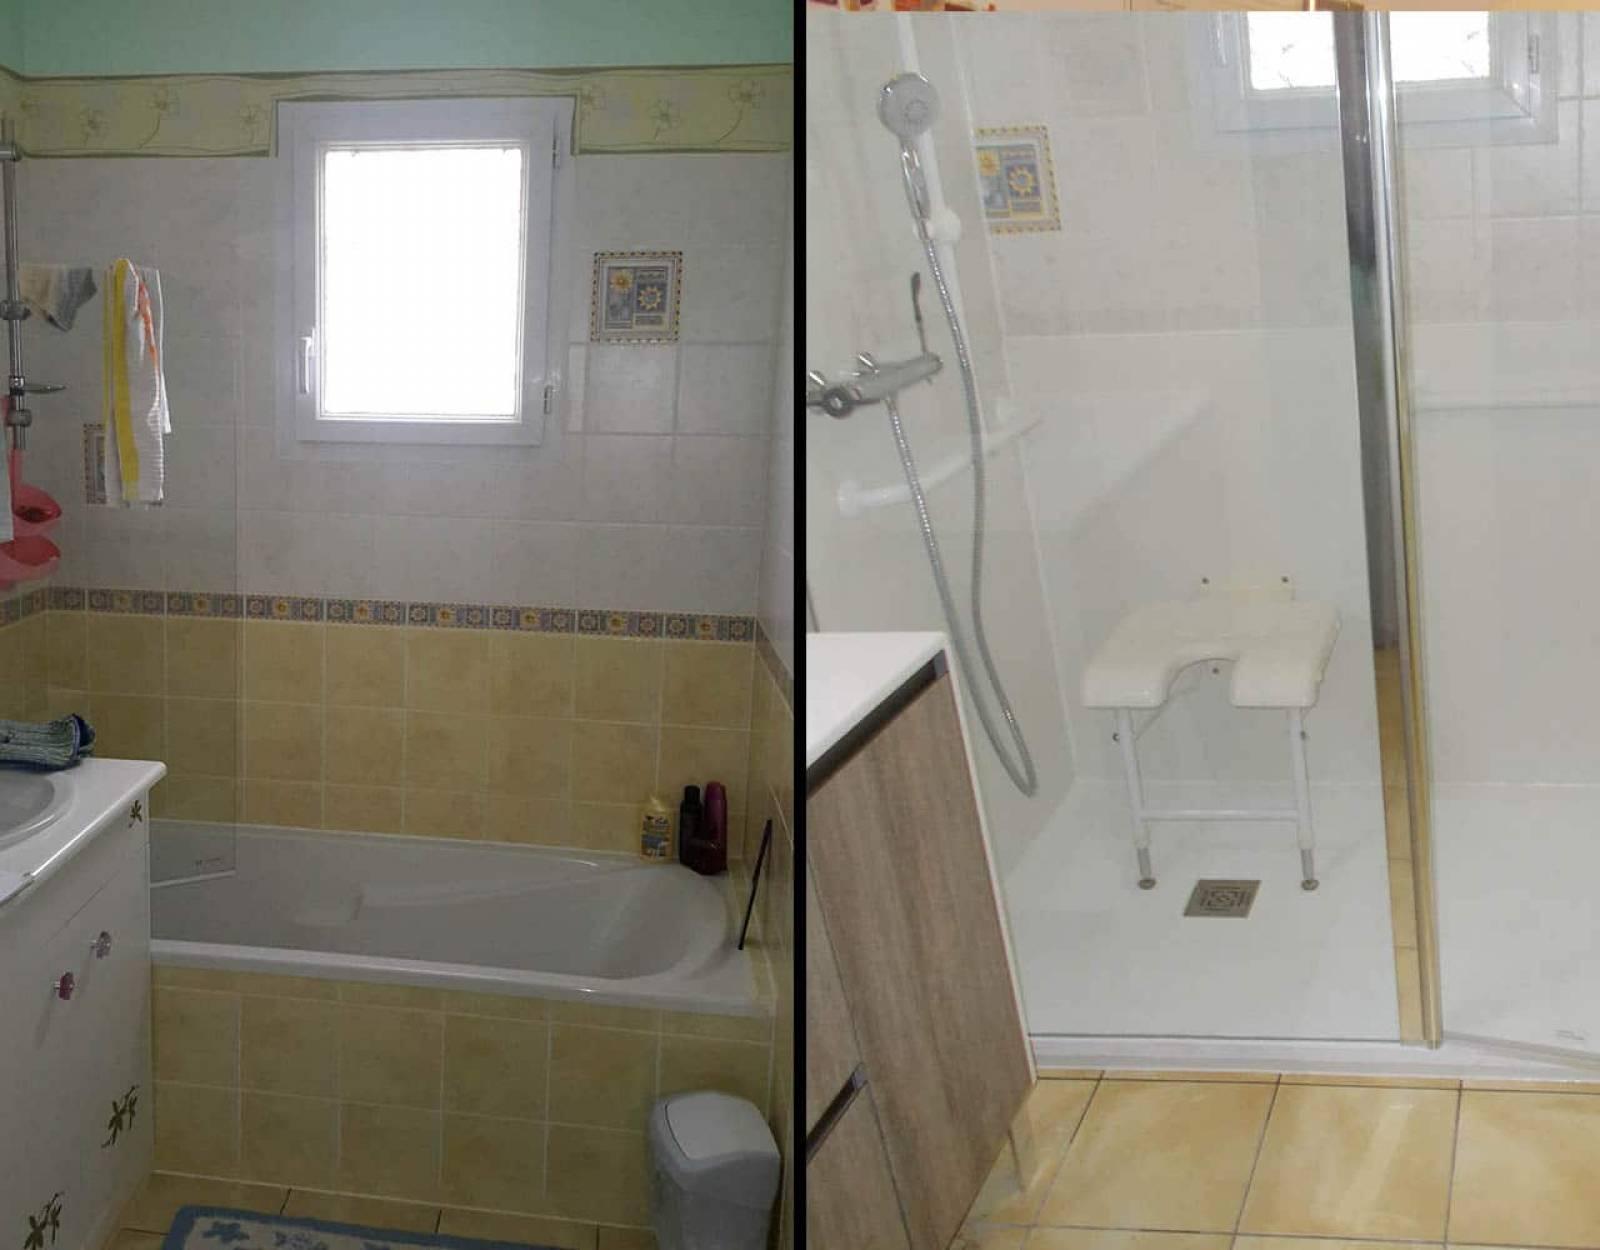 Les avantages de transformer une baignoire en douche sur - Transformer une baignoire en douche ...